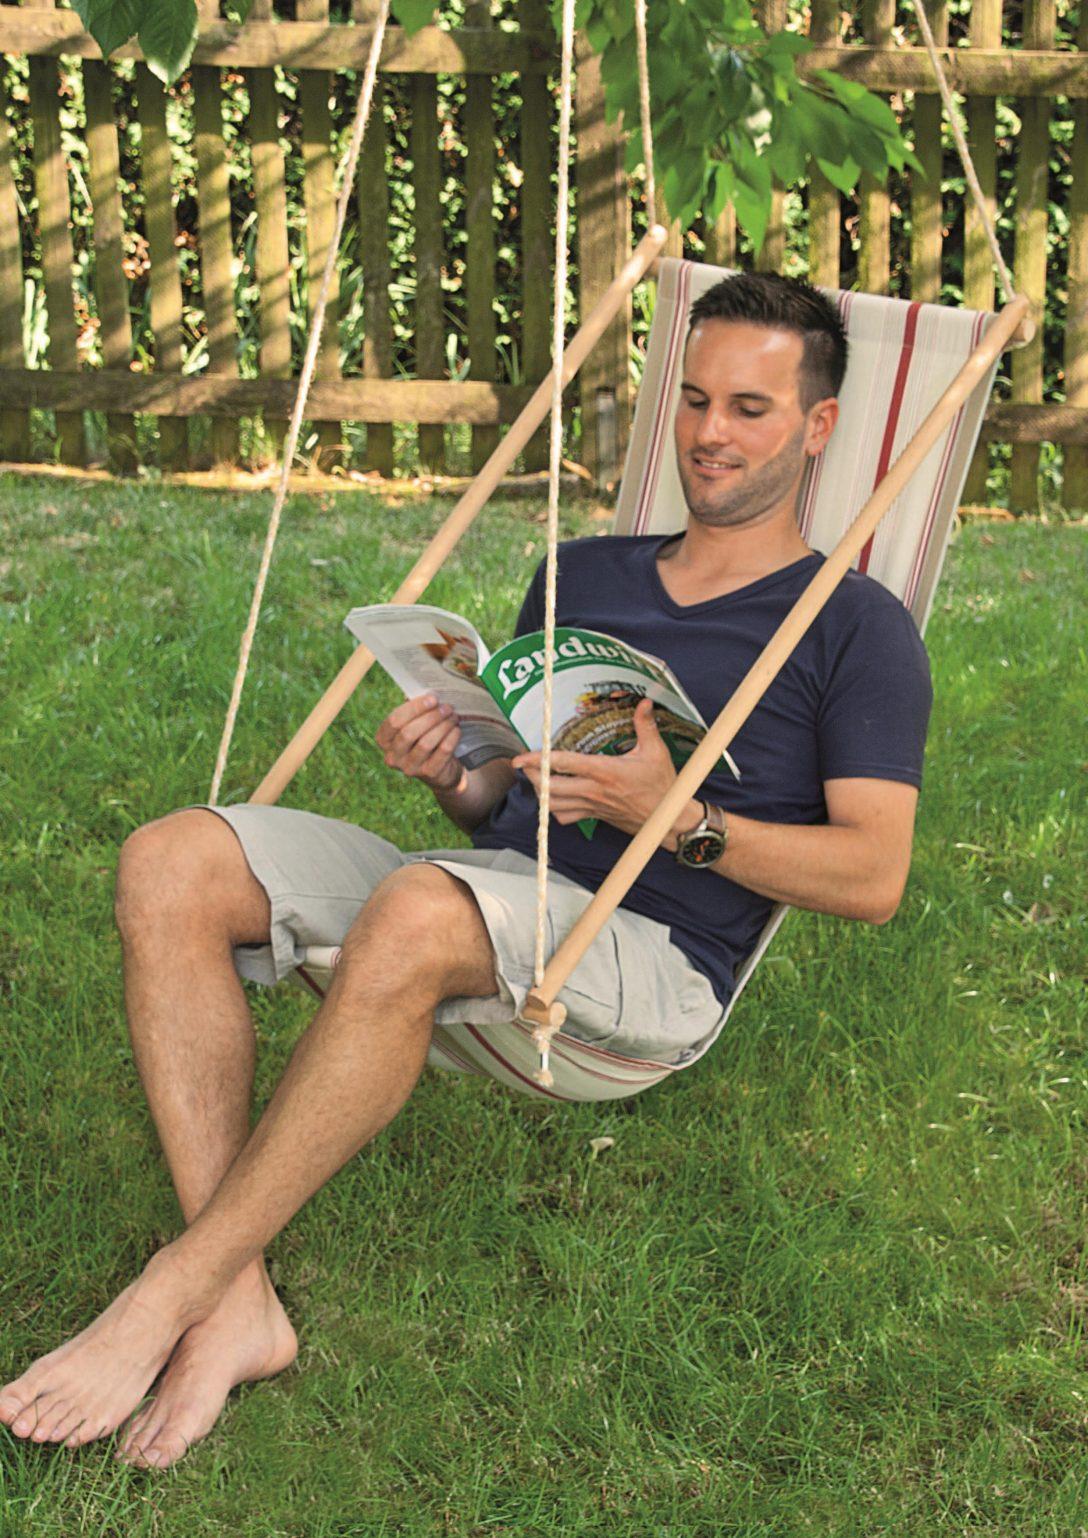 Large Size of Hängesessel Garten Relaxsessel Loungemöbel Holz Mini Pool Lounge Möbel Klettergerüst Kugelleuchten Schwimmbecken Beistelltisch Schaukel Sonnenschutz Garten Hängesessel Garten